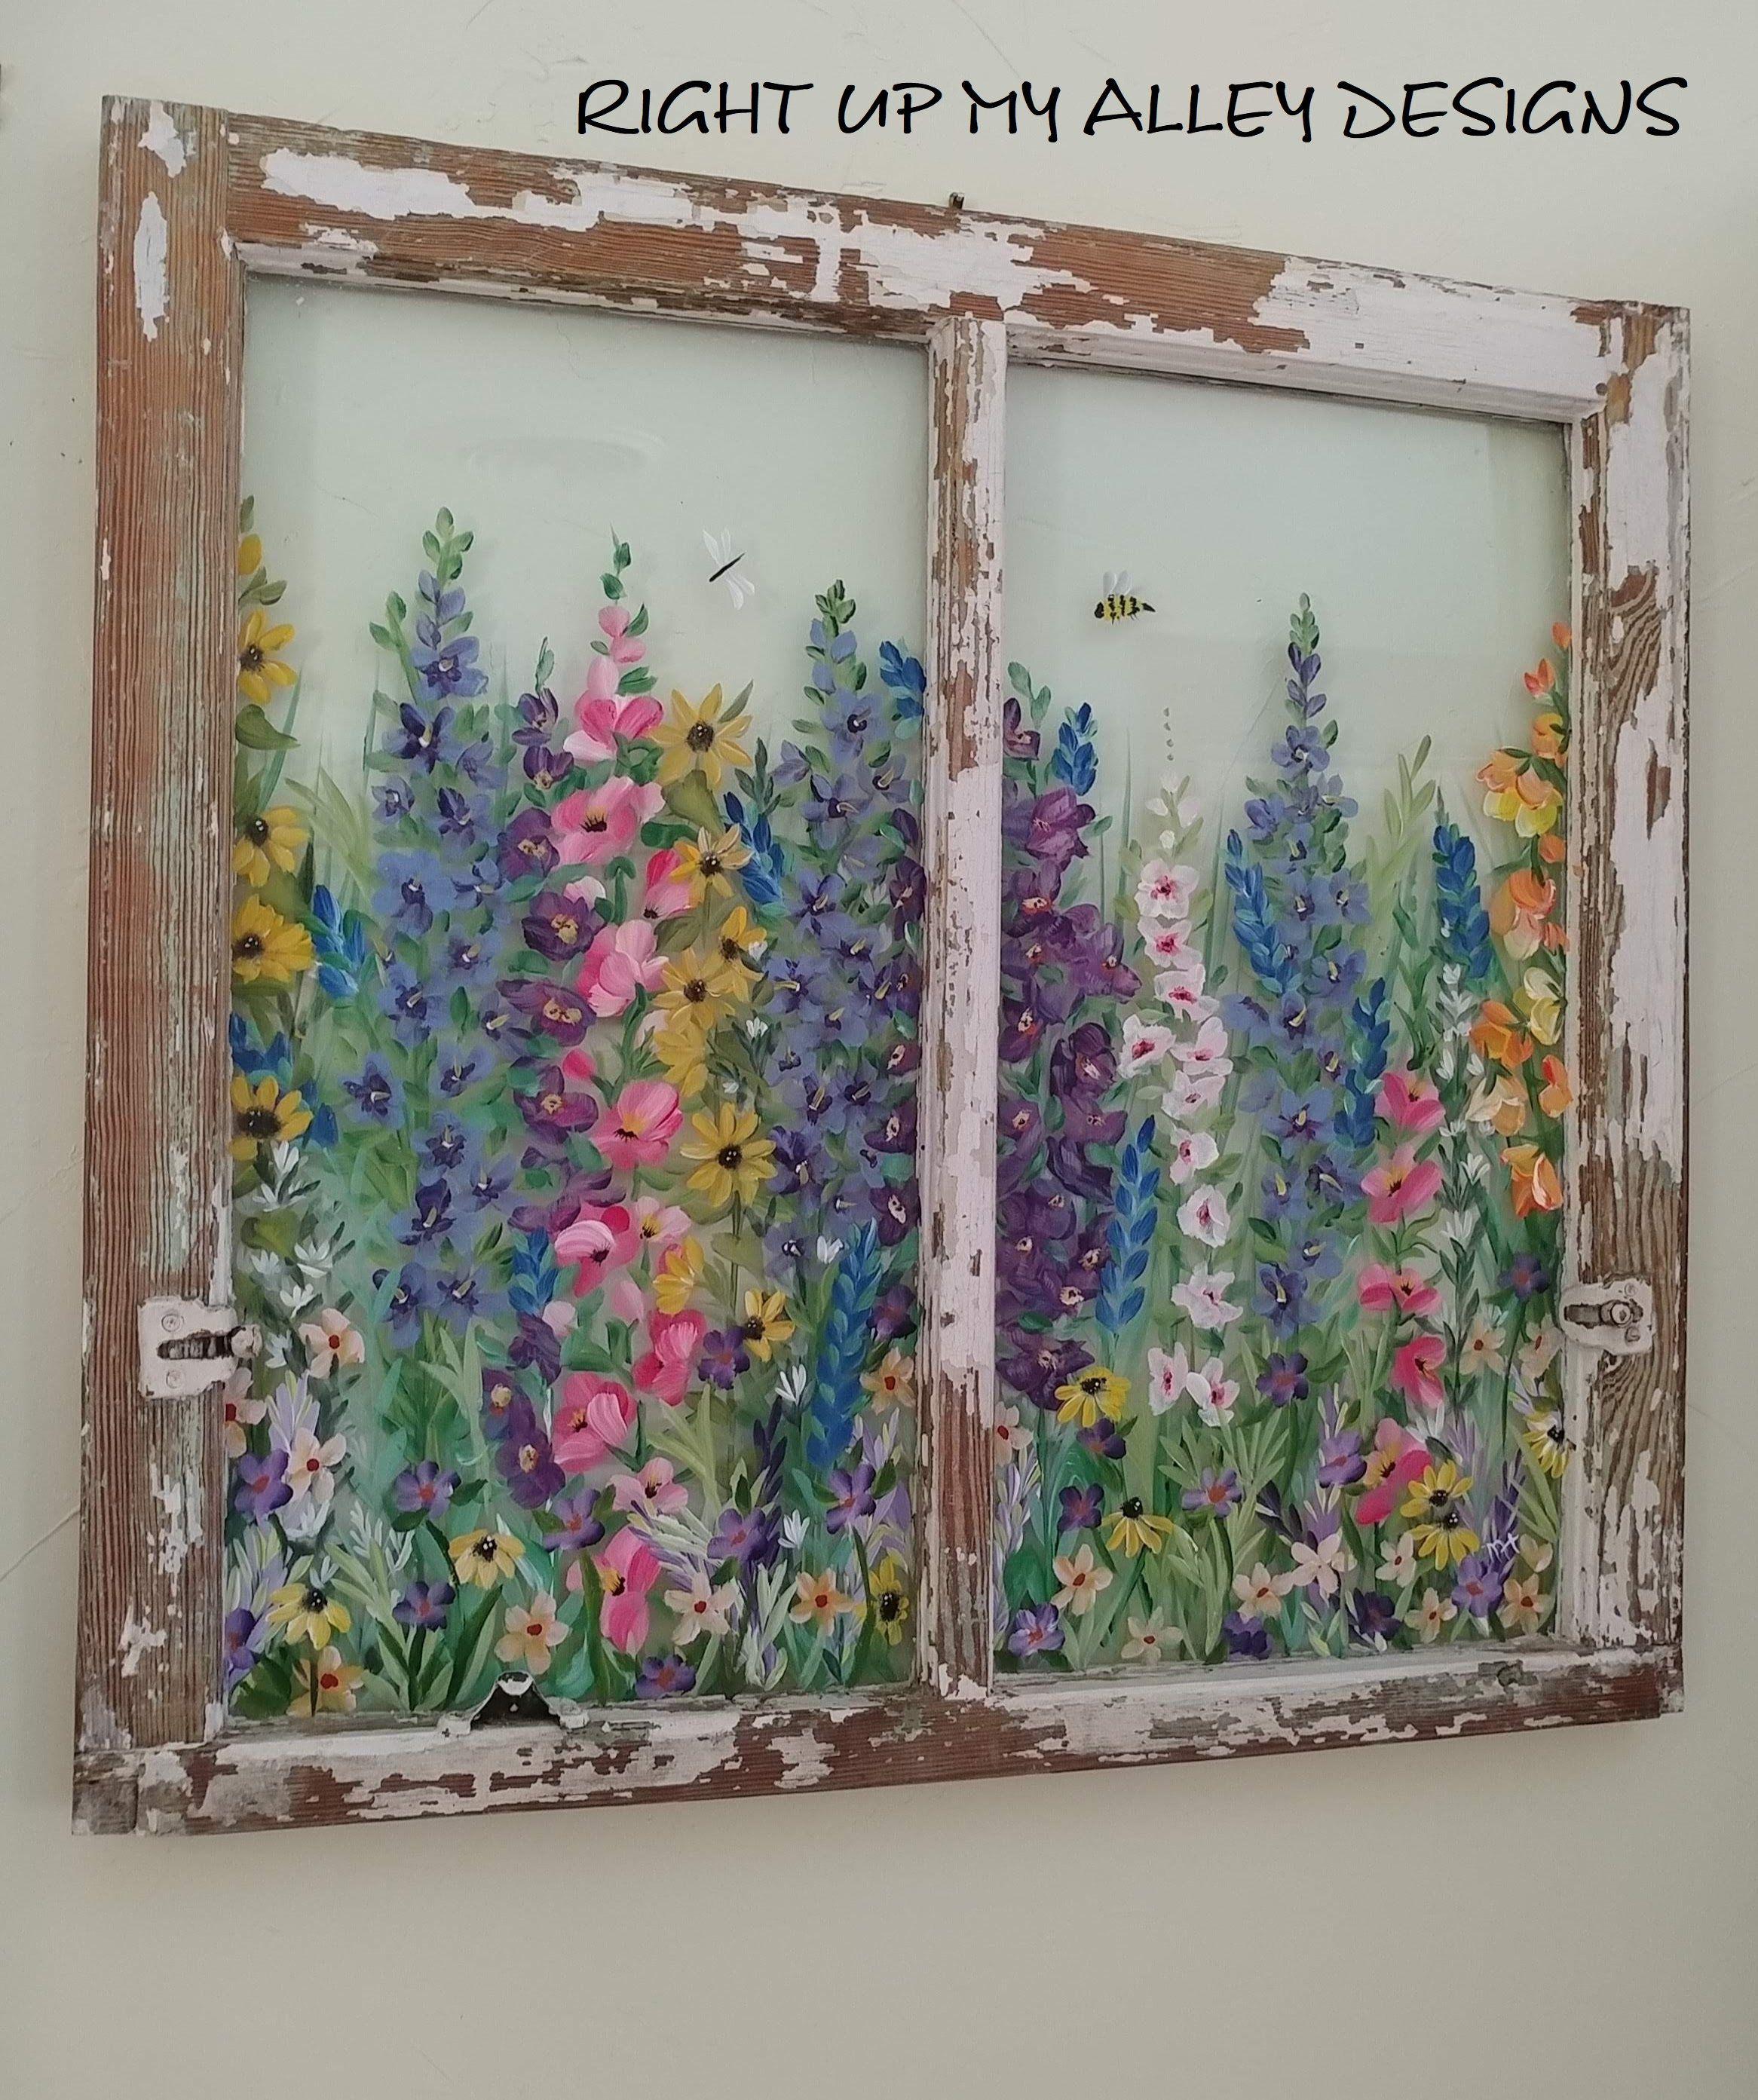 12 Spiegelmalerei Ideen   spiegelmalerei, malerei, ästhetische malerei